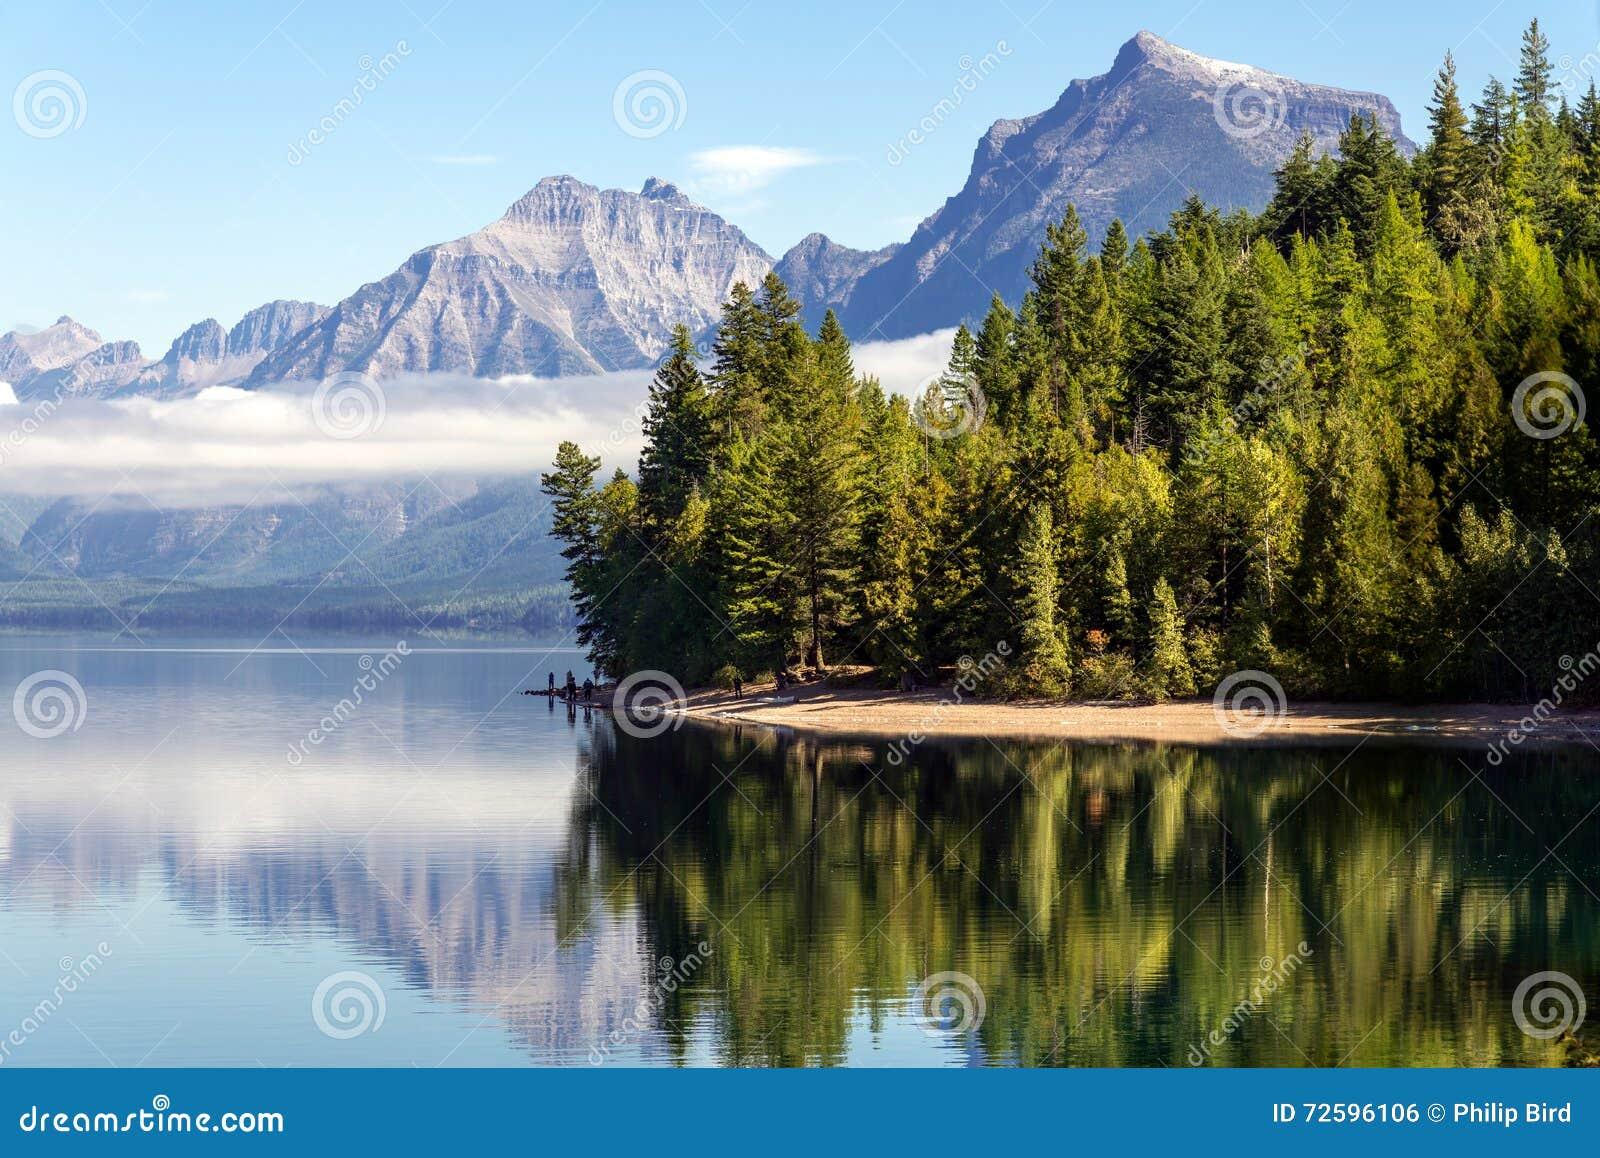 ΛΙΜΝΗ MCDONALD, MONTANA/USA - 20 ΣΕΠΤΕΜΒΡΊΟΥ: Άποψη της λίμνης McDonal